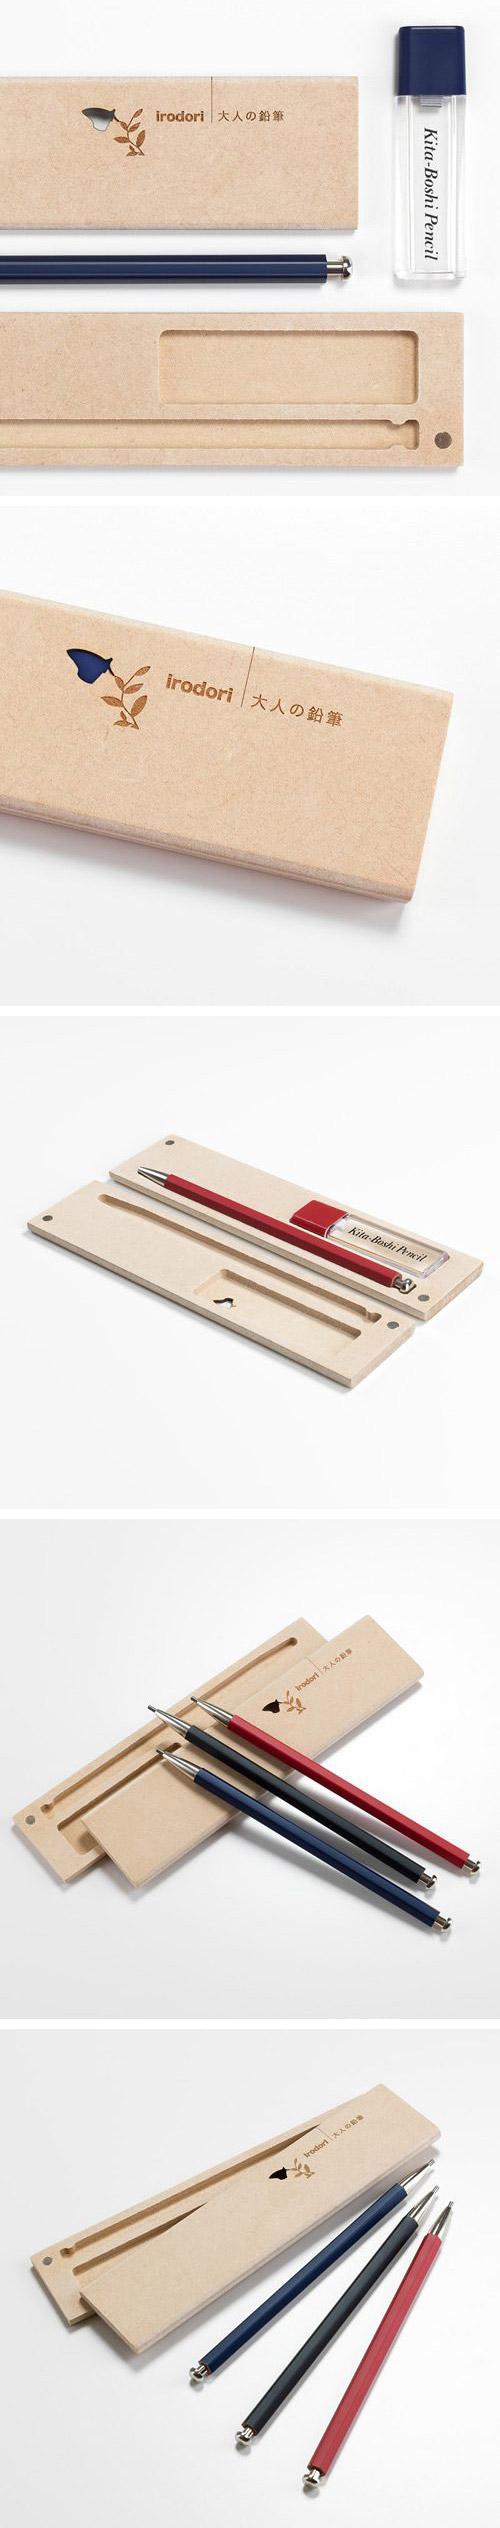 北星大人鉛筆 彩 木質筆盒組 藍色